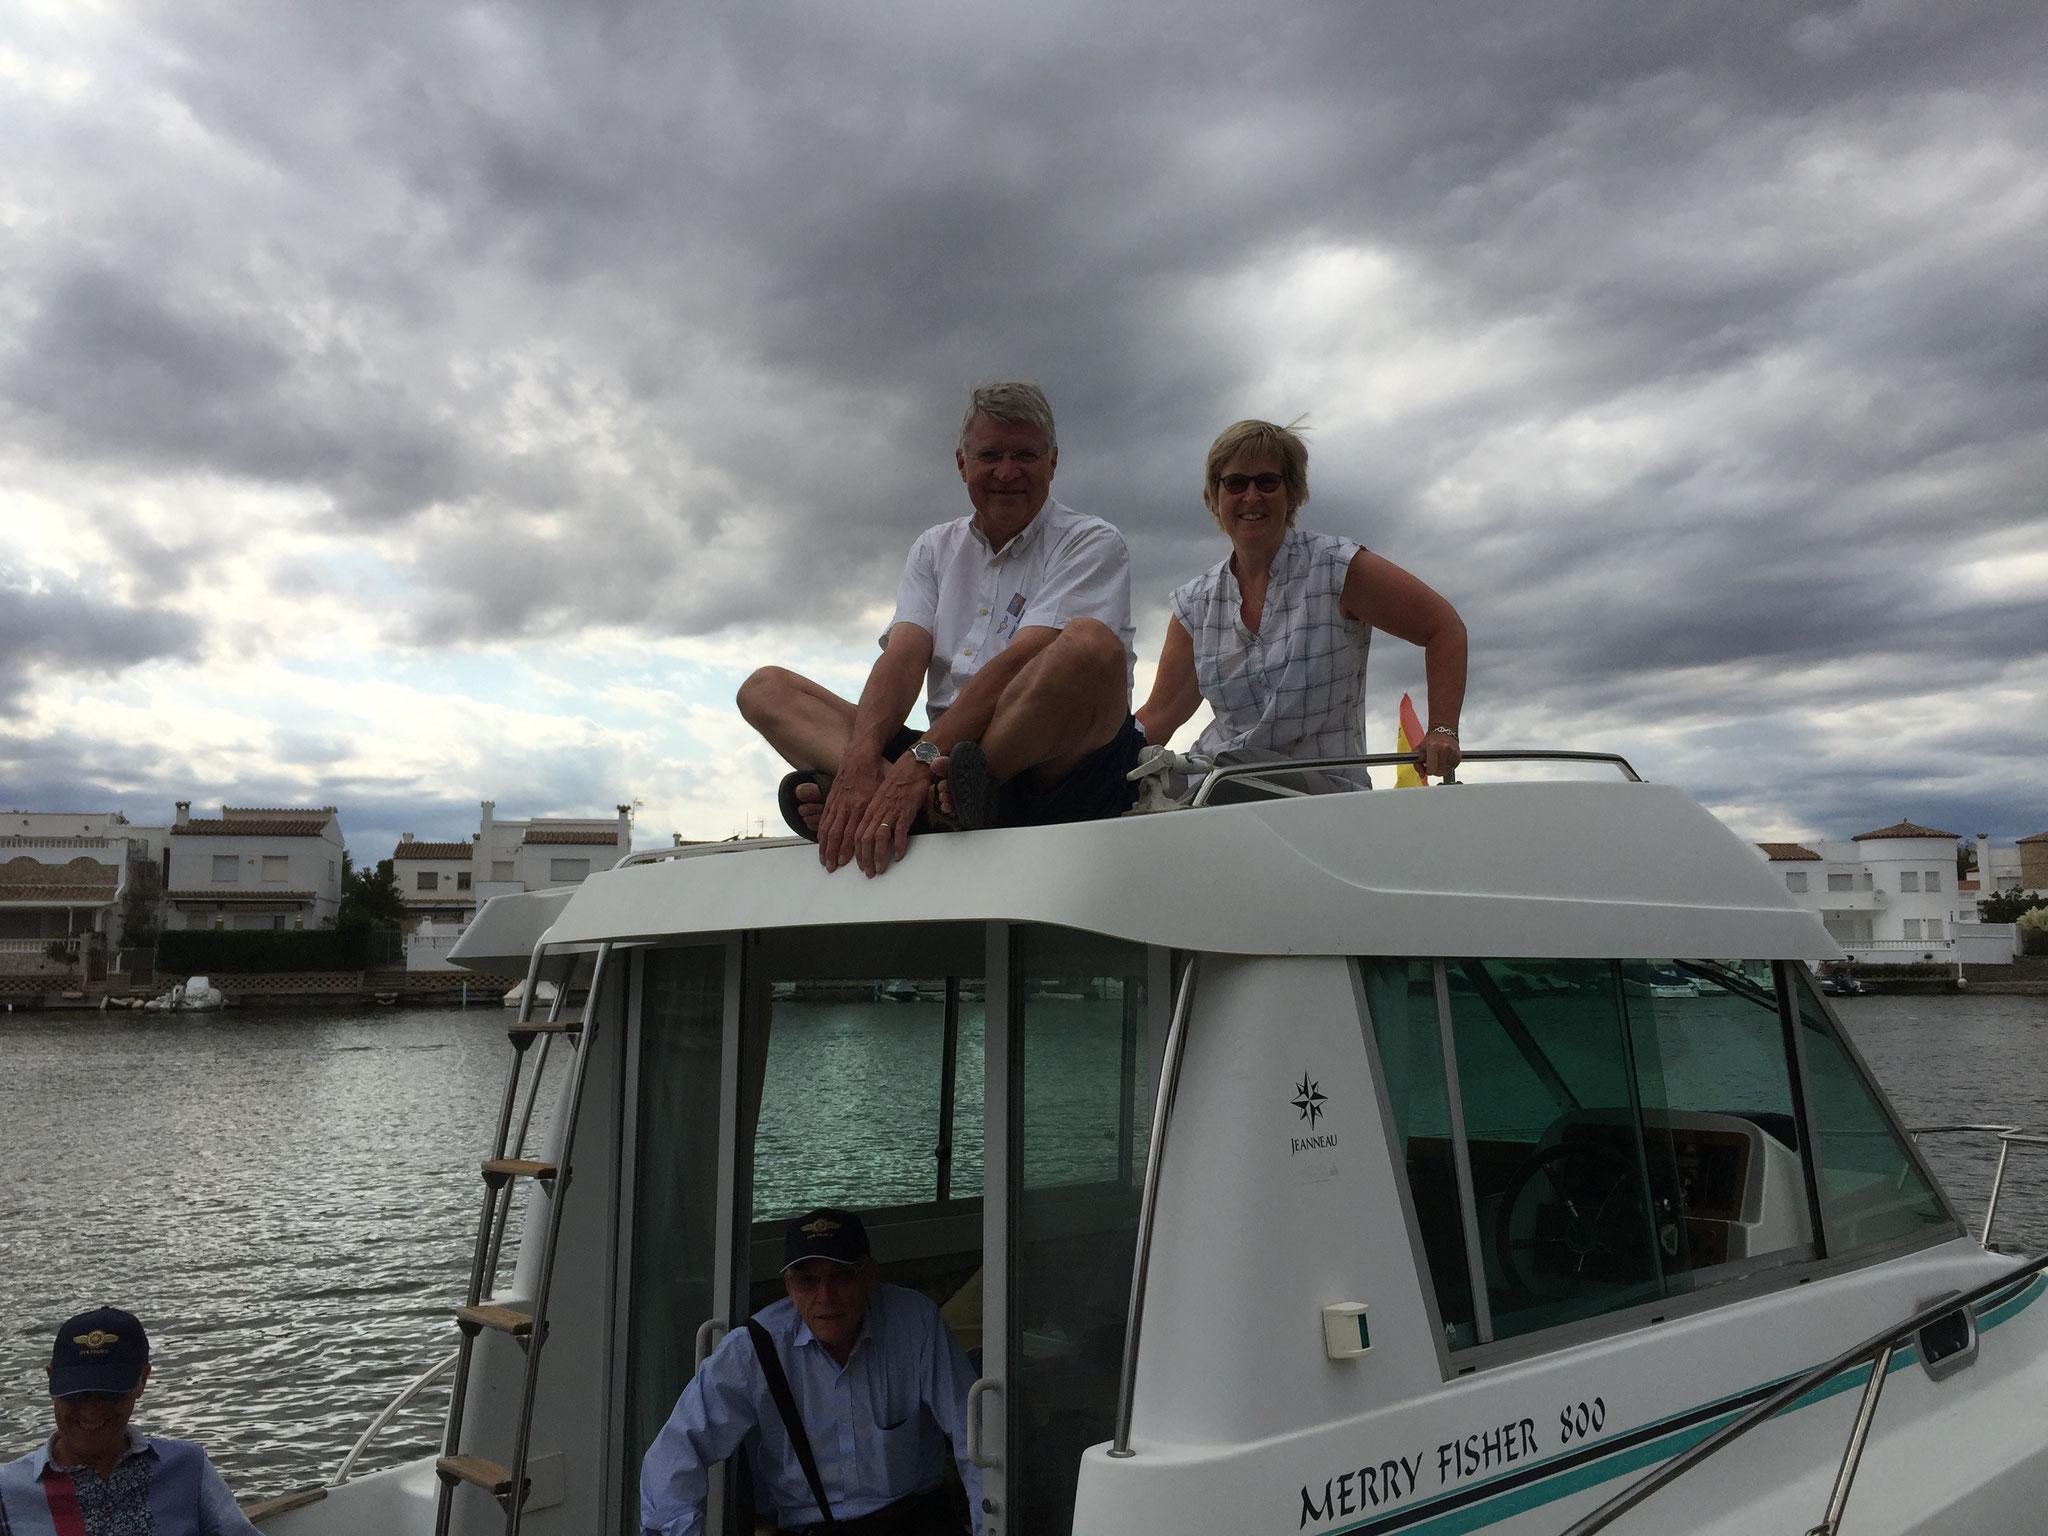 Très agréable tour en bateau dans la marina